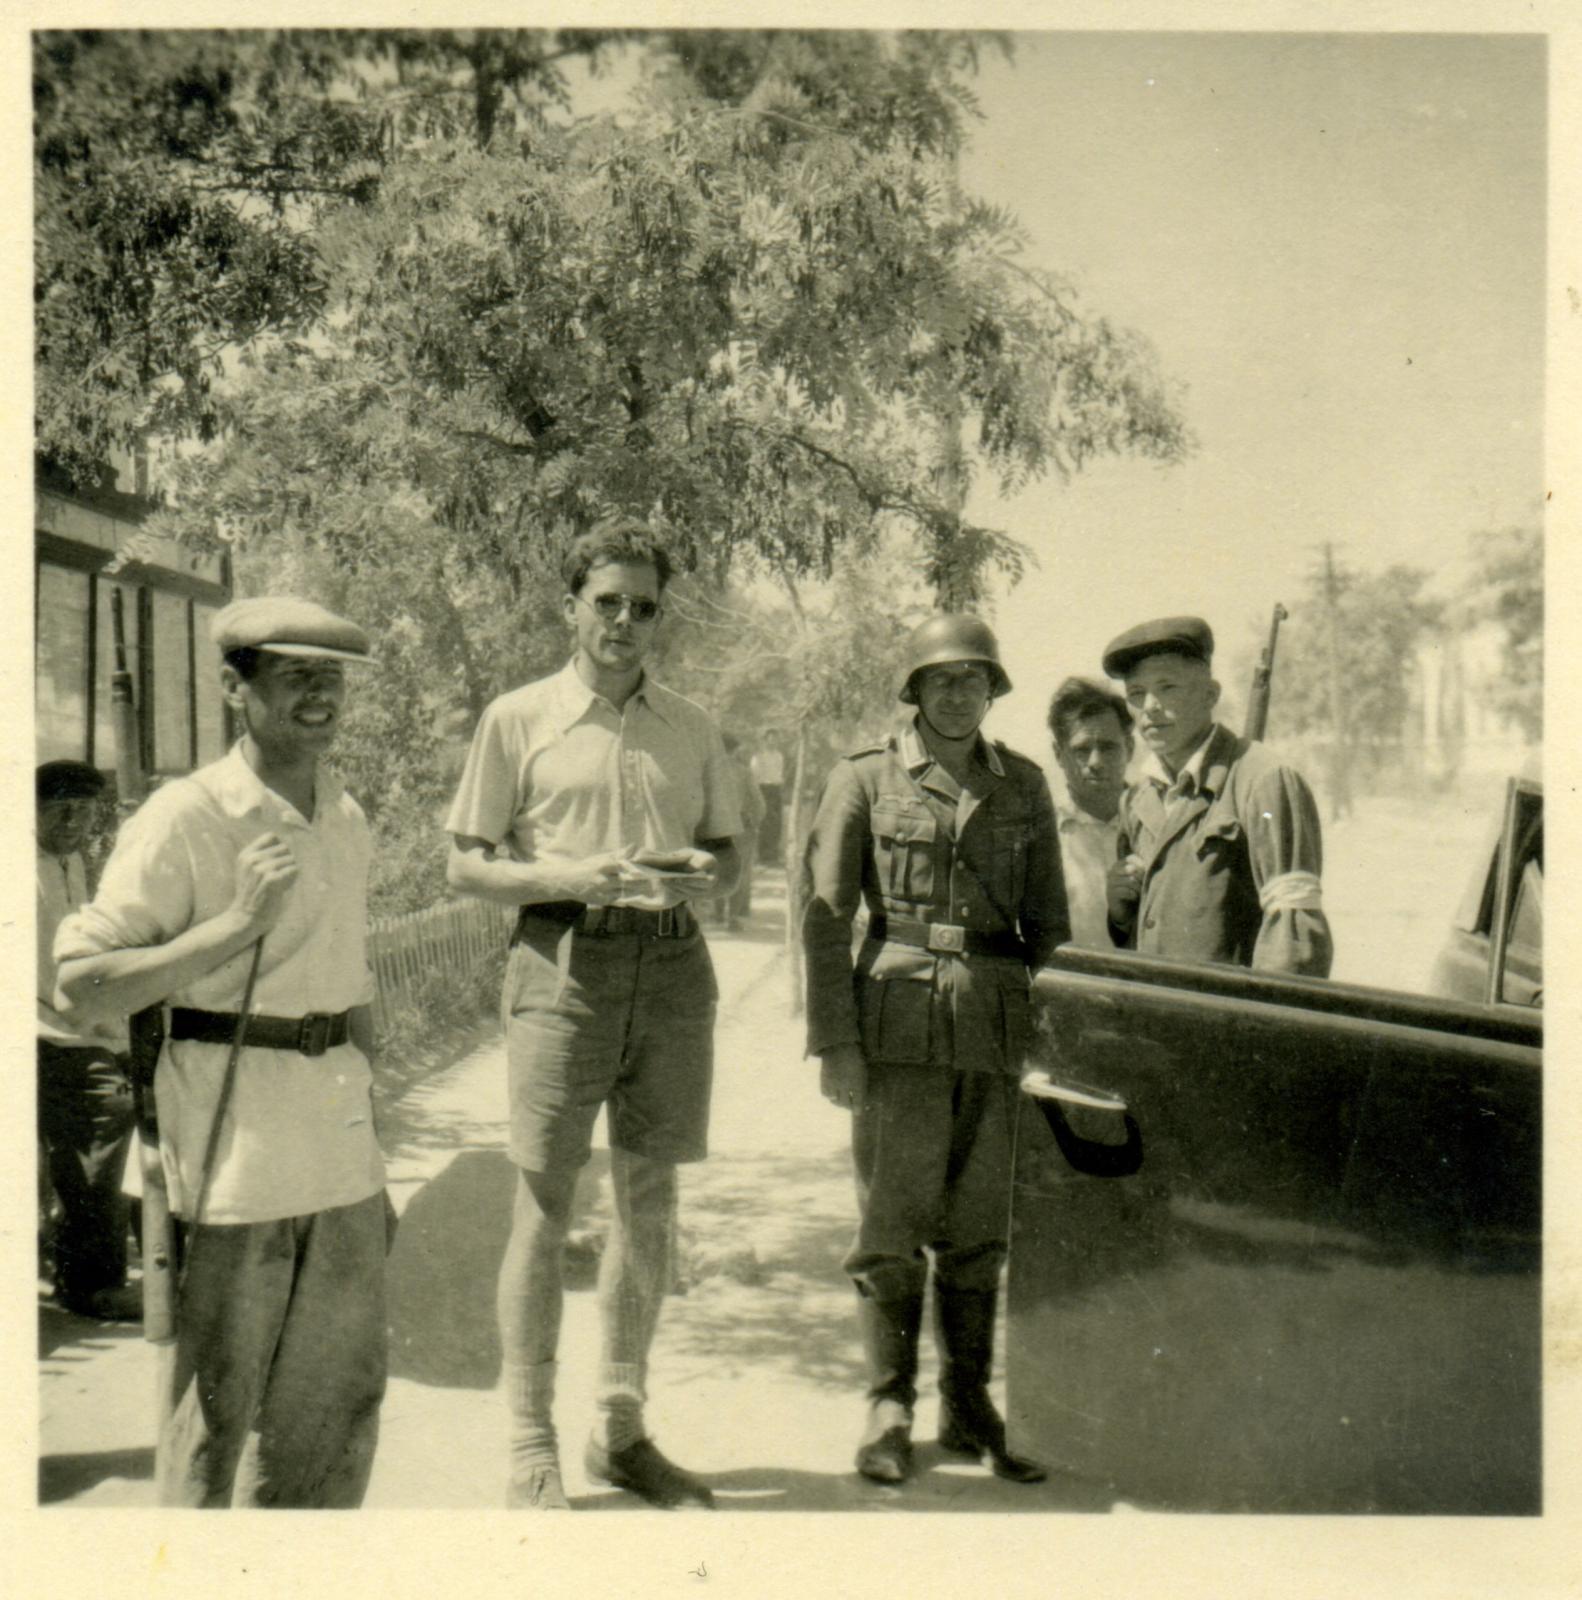 1942. Полицаи. Юг России